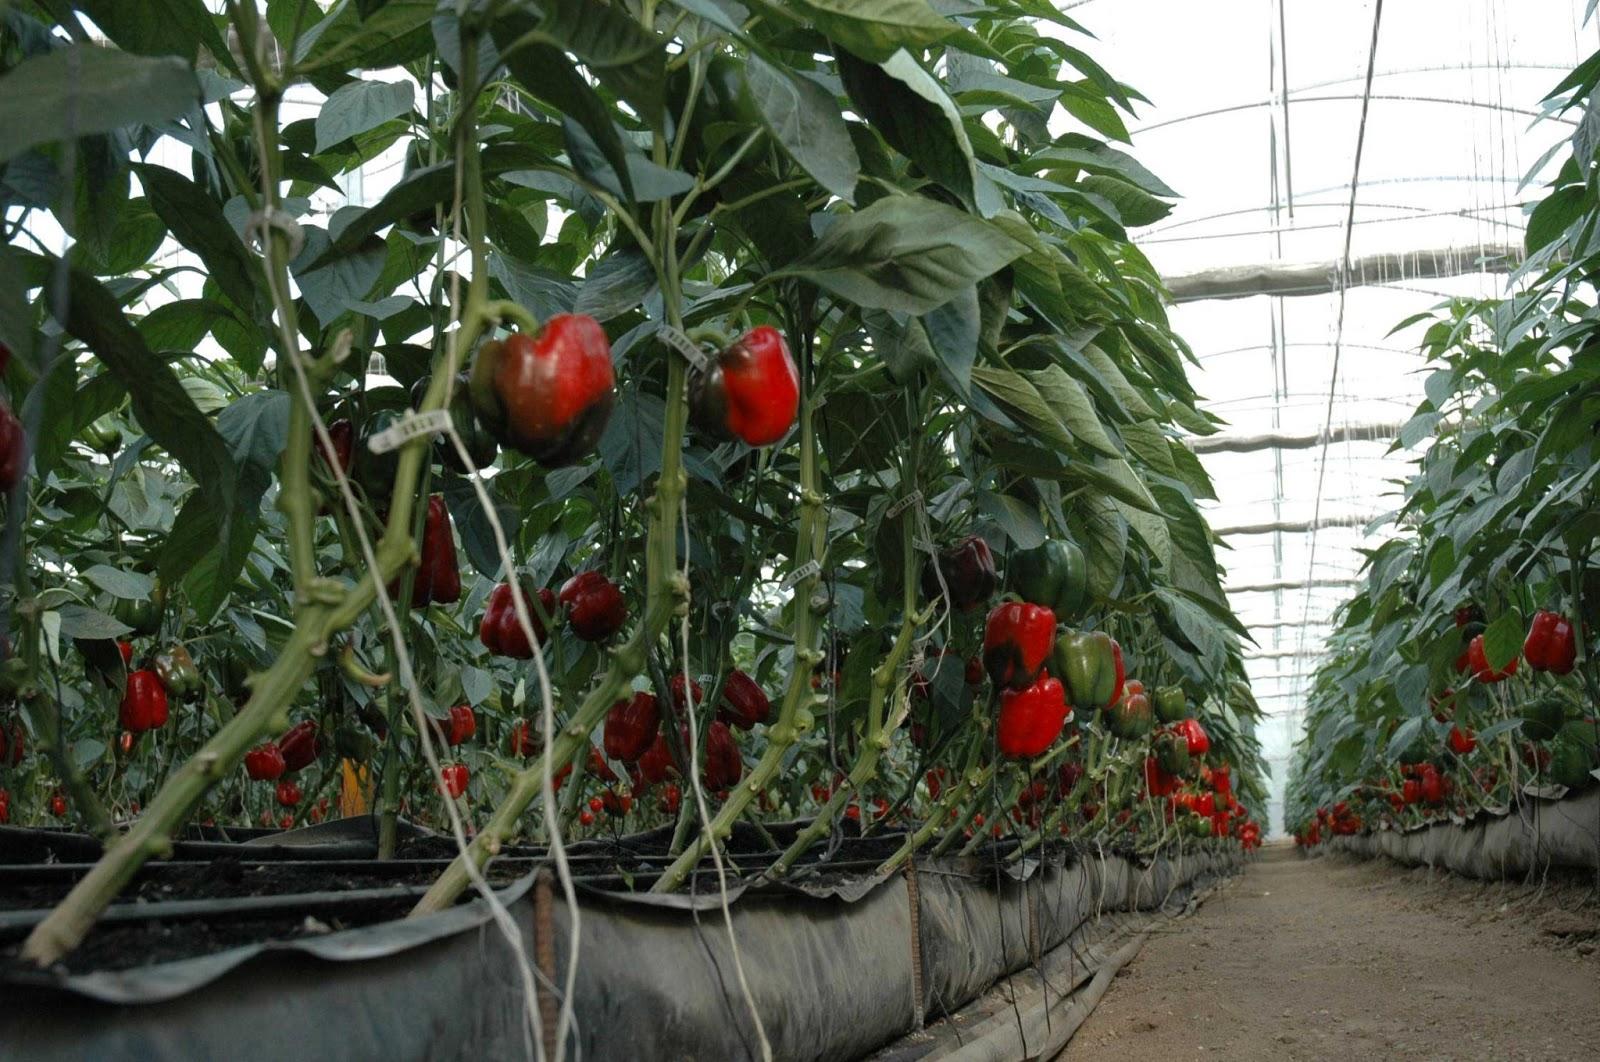 Invermatica plantas cultivadas Plantas de invernadero